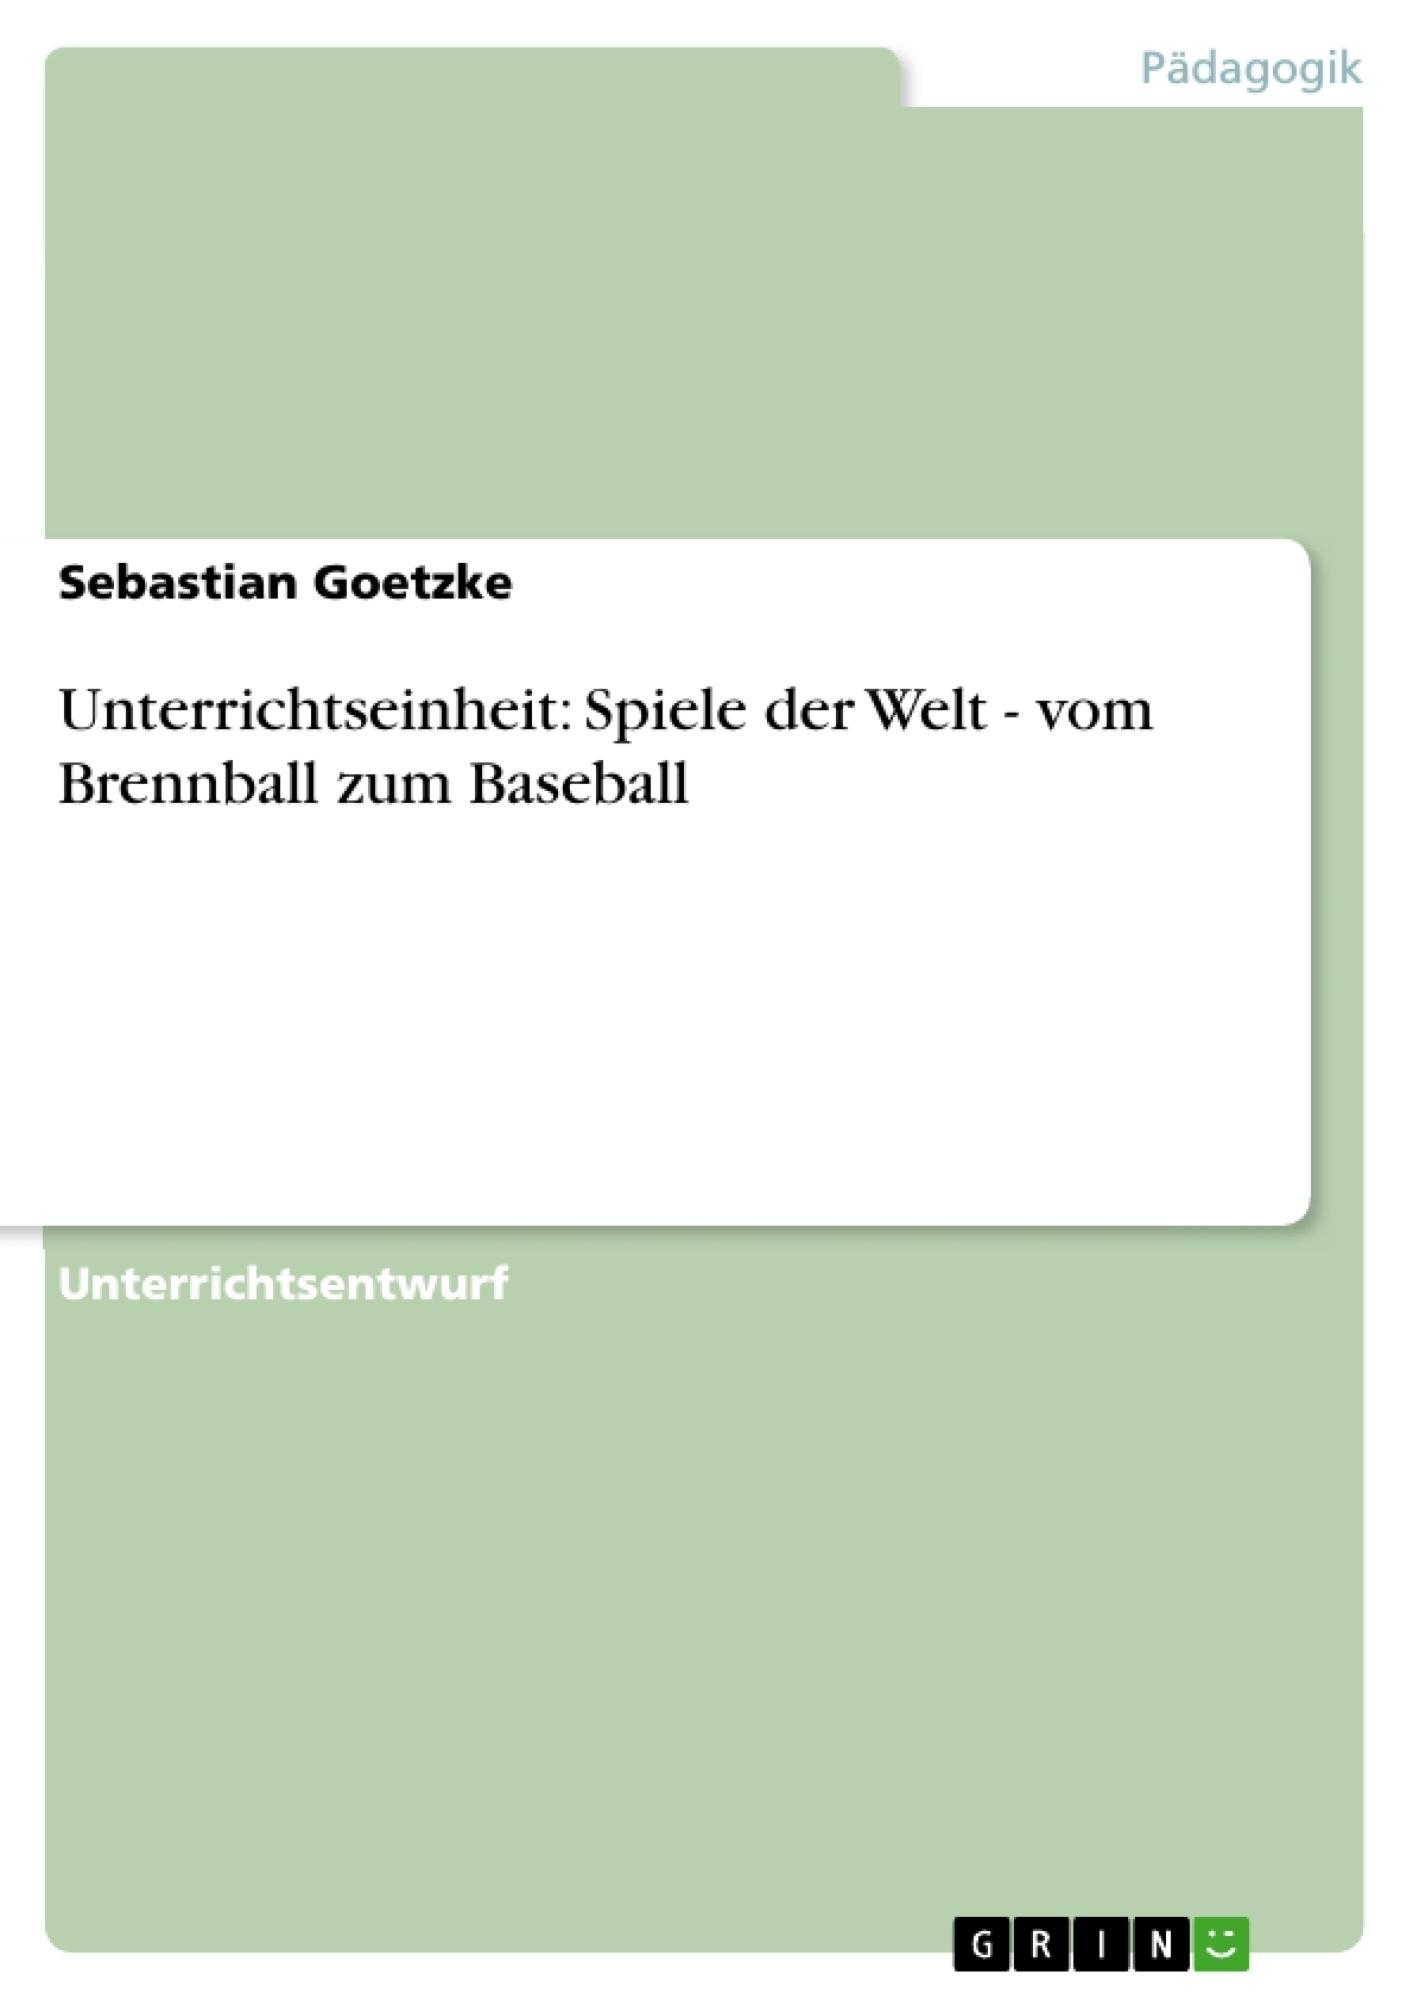 Titel: Unterrichtseinheit: Spiele der Welt - vom Brennball zum Baseball